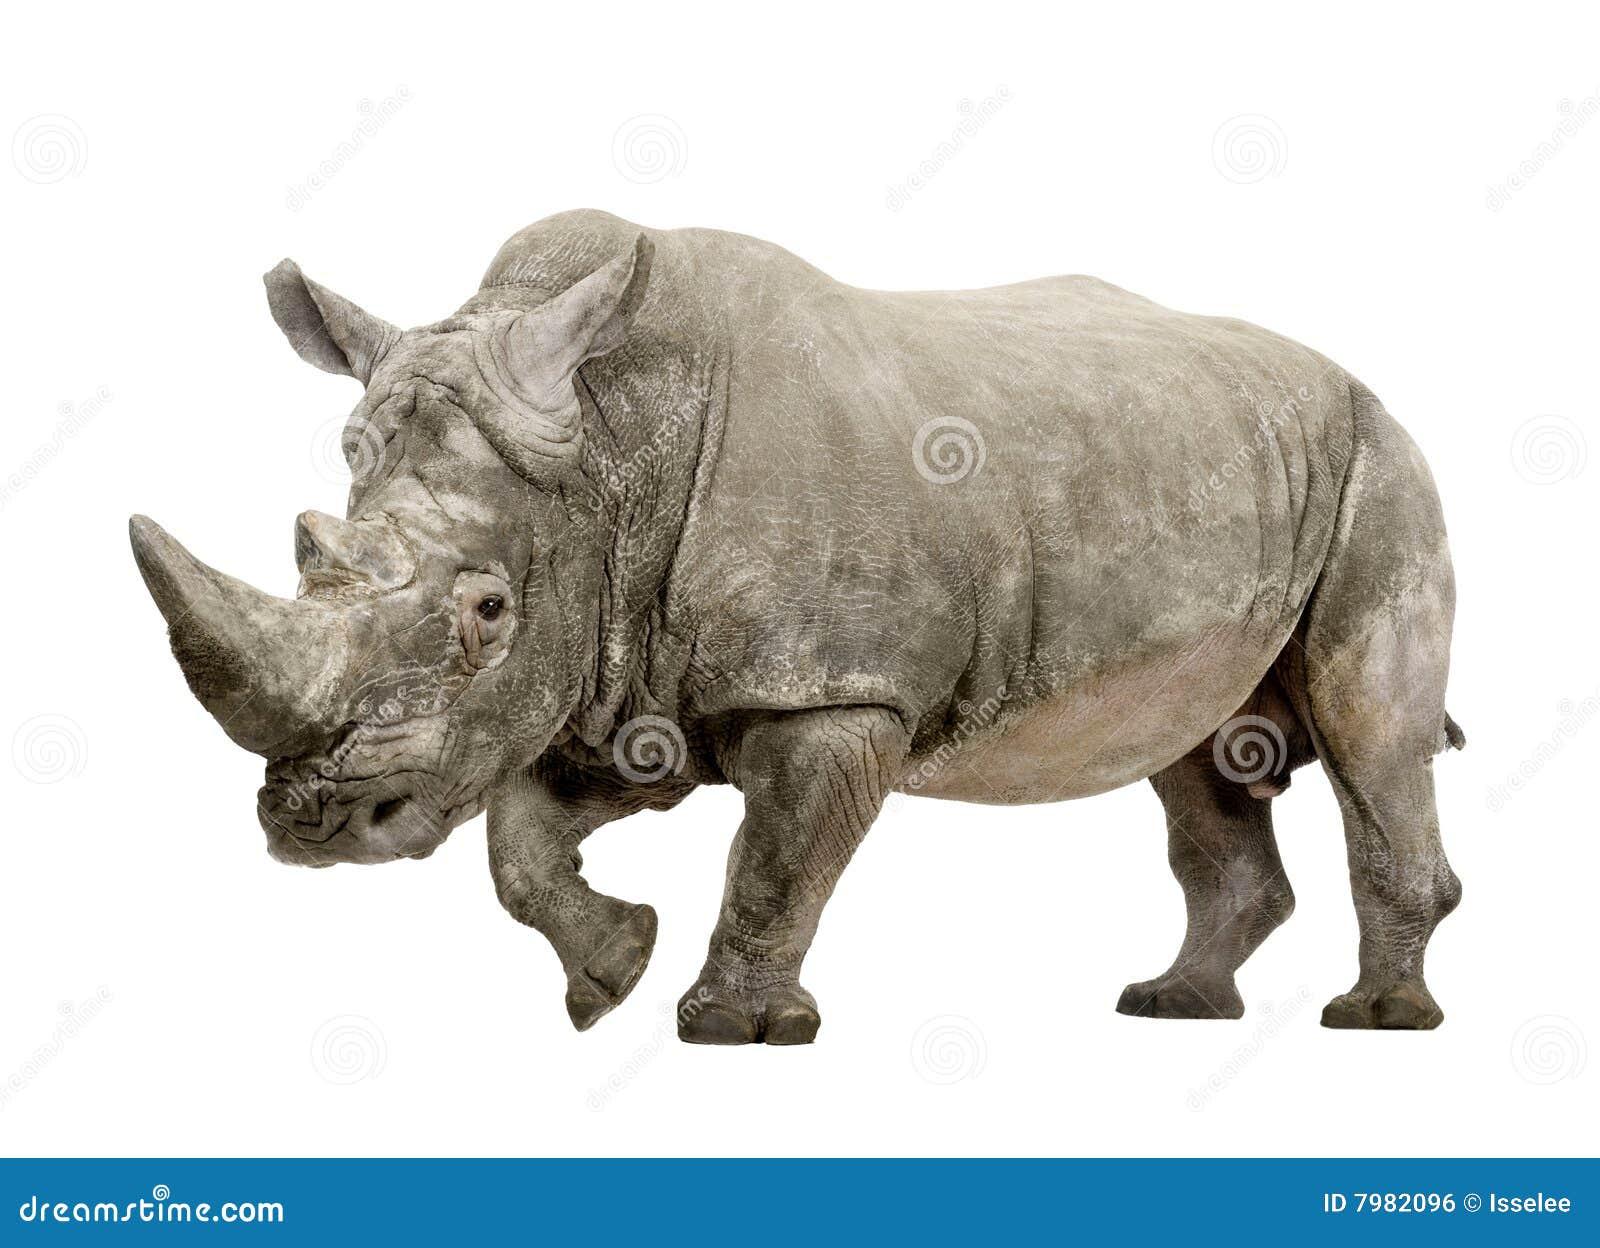 White Rhinoceros - Ceratotherium simum (+/- 10 years)